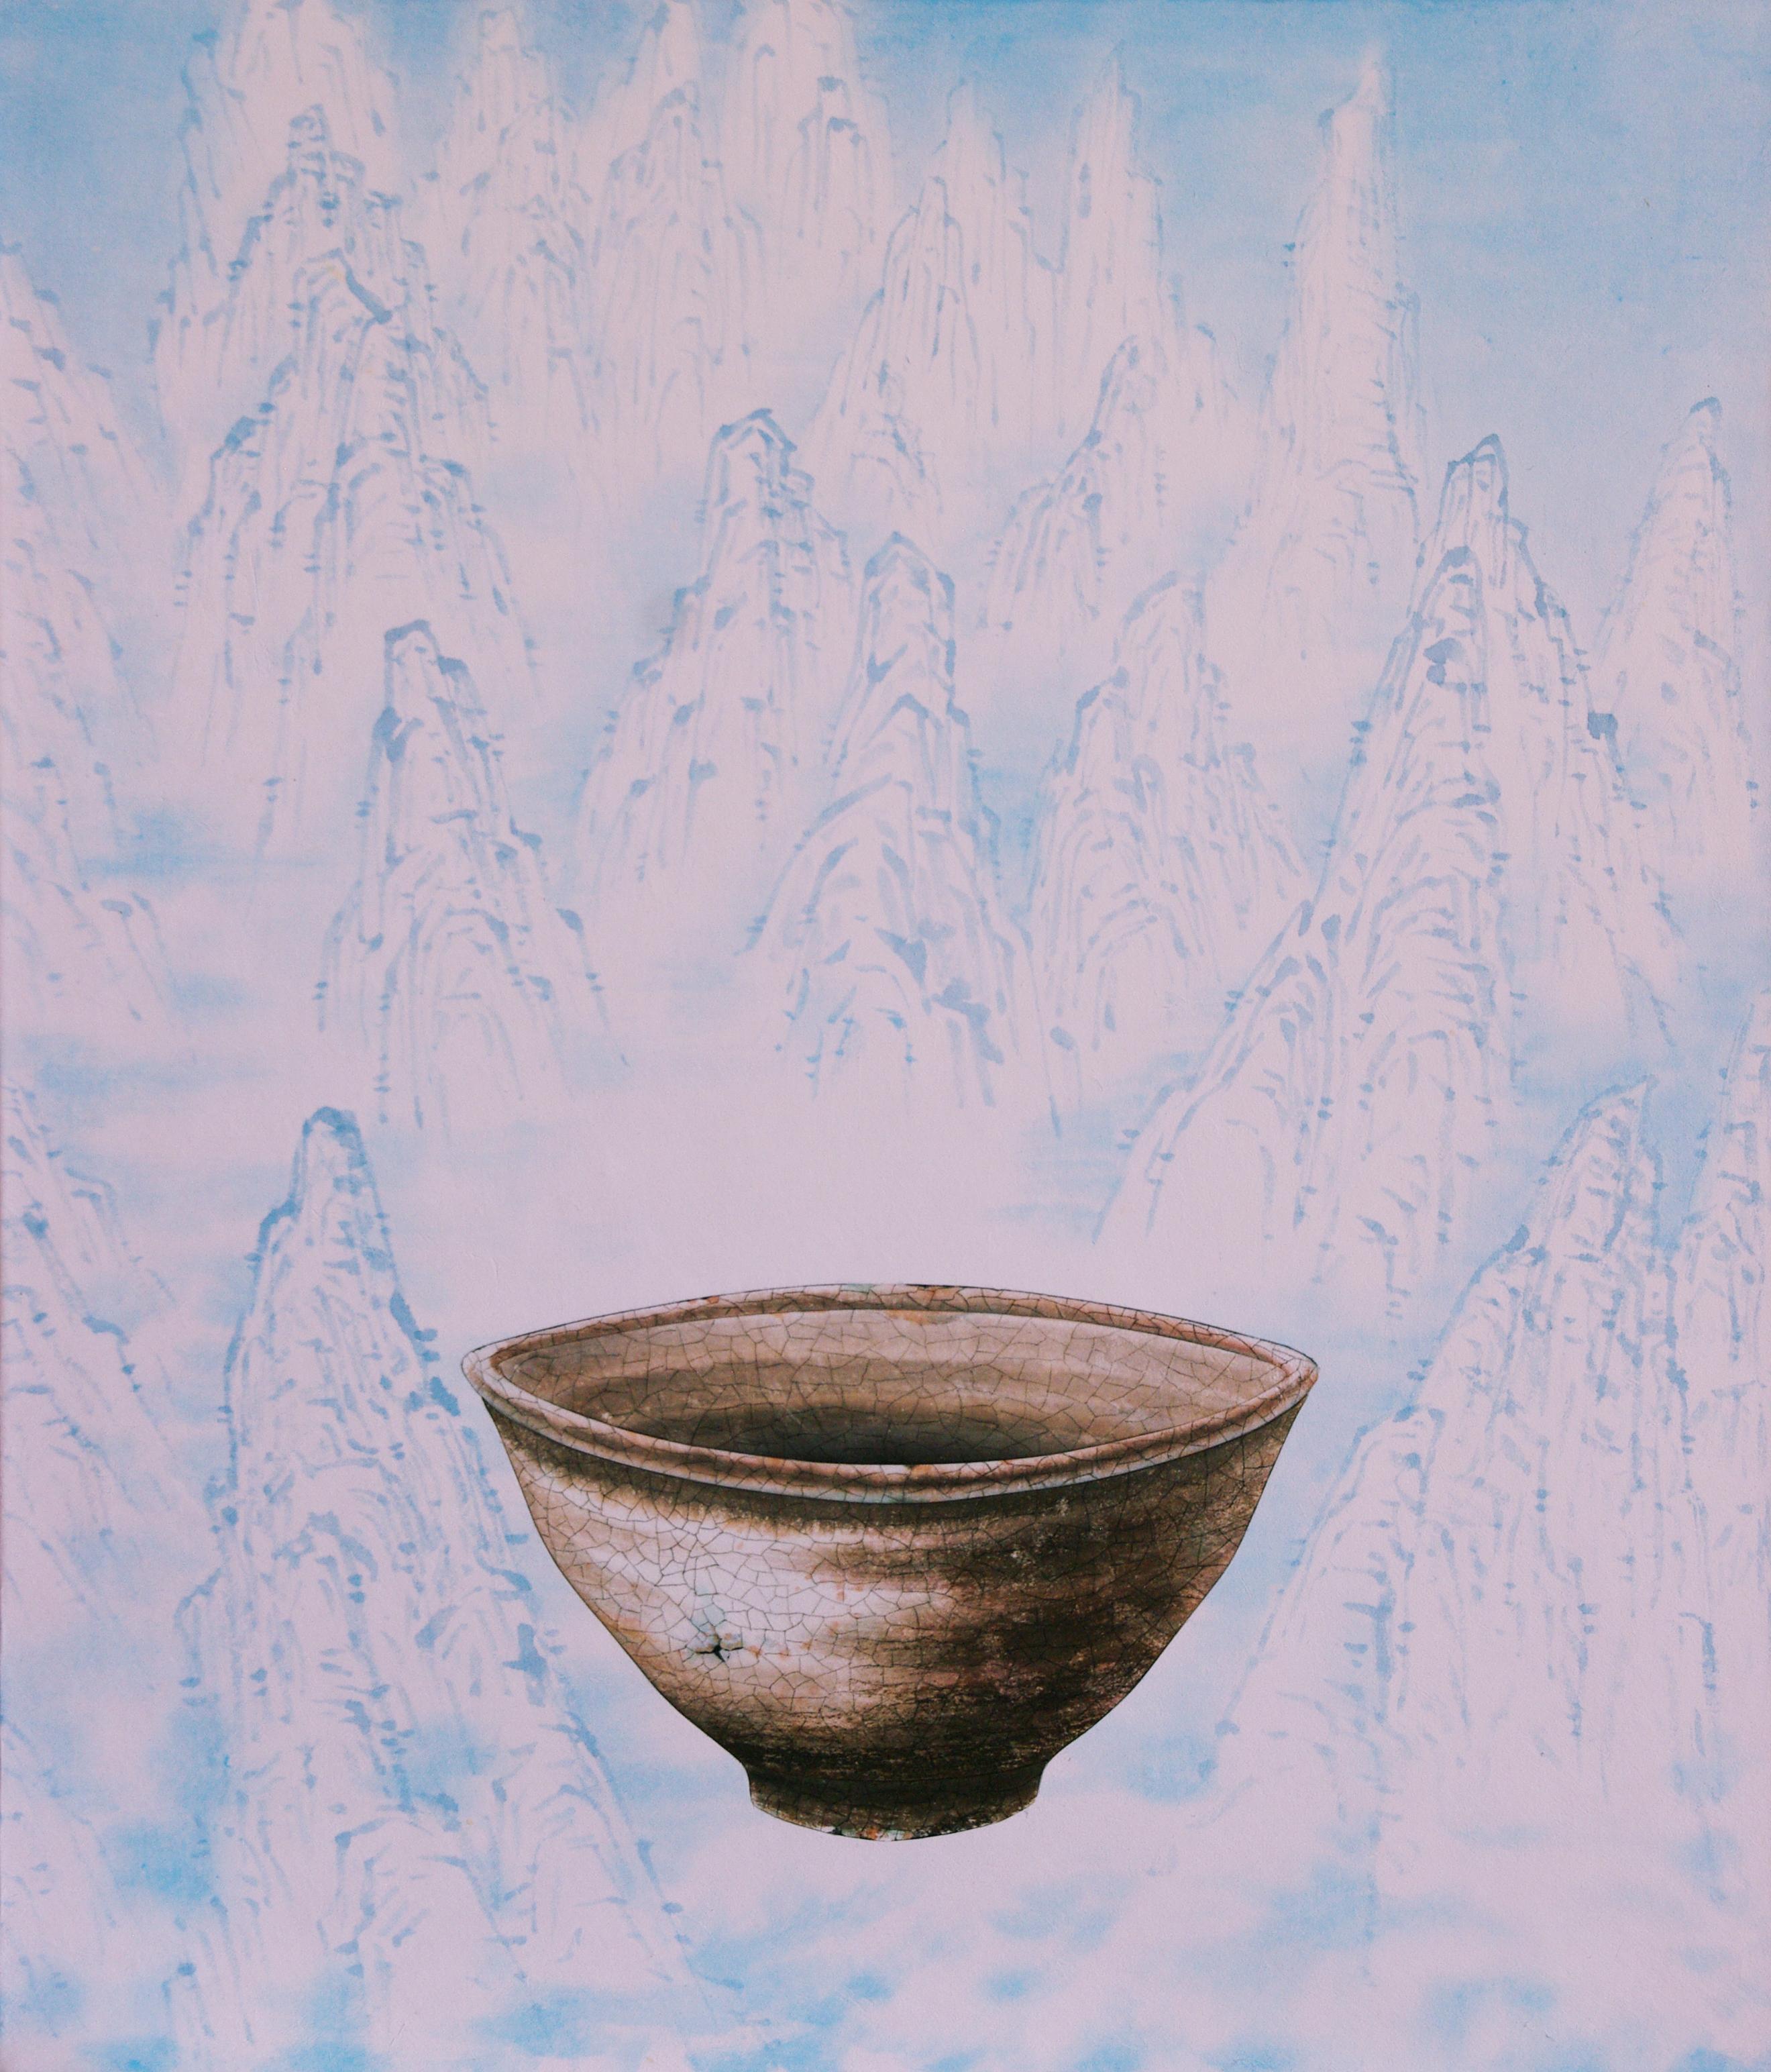 019, 비움과 채움(통일을담다), 46 x 53 cm, 한지에 혼합재료